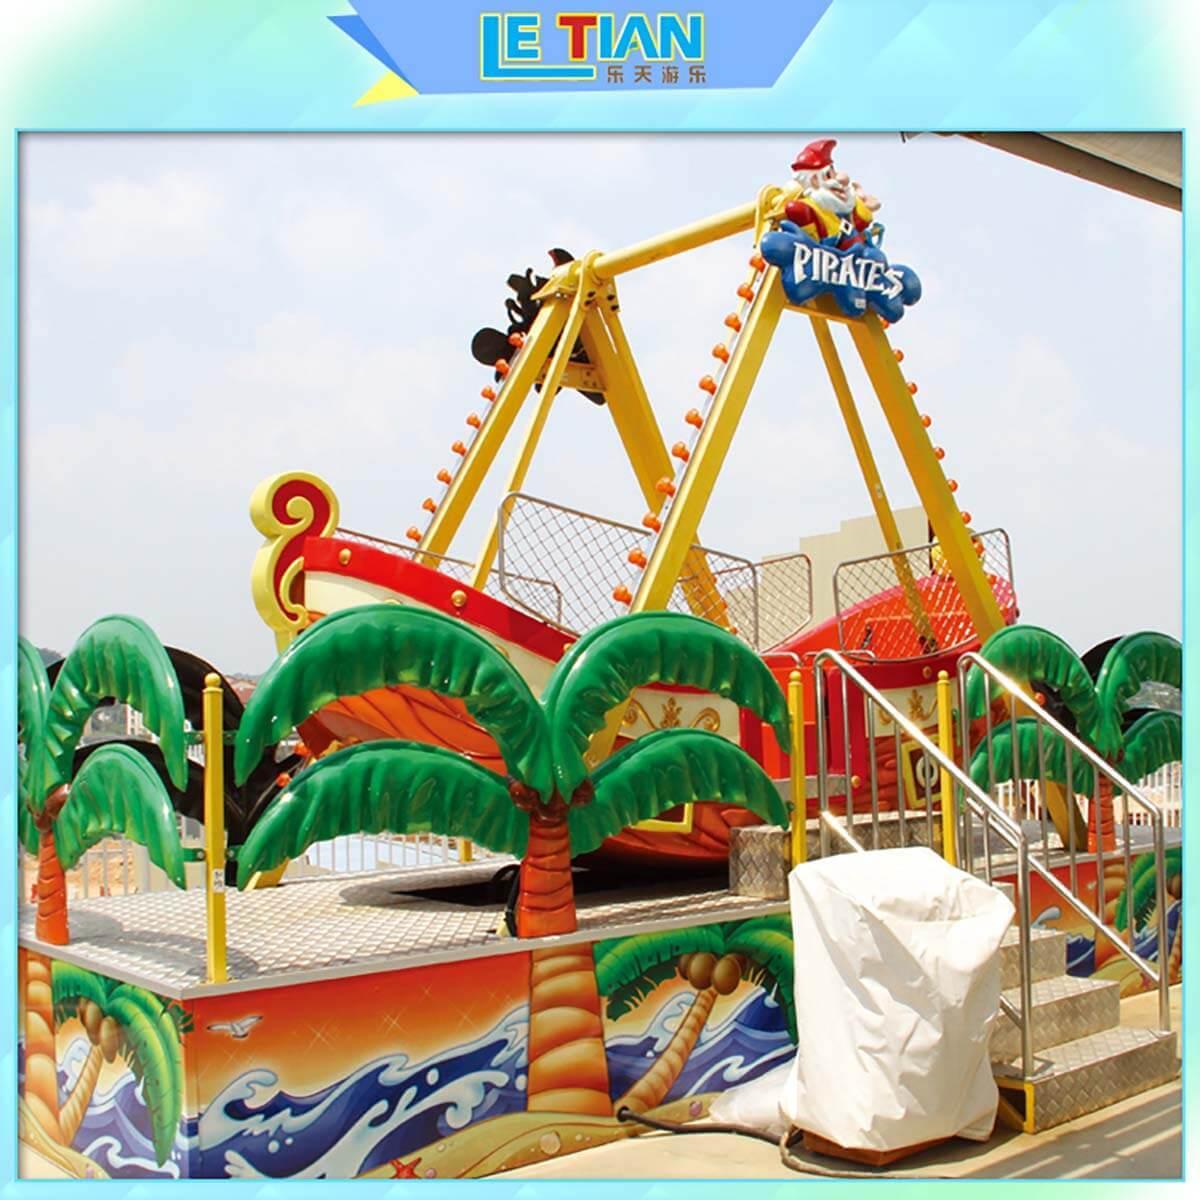 LETIAN park fun amusement parks for kids theme park-2